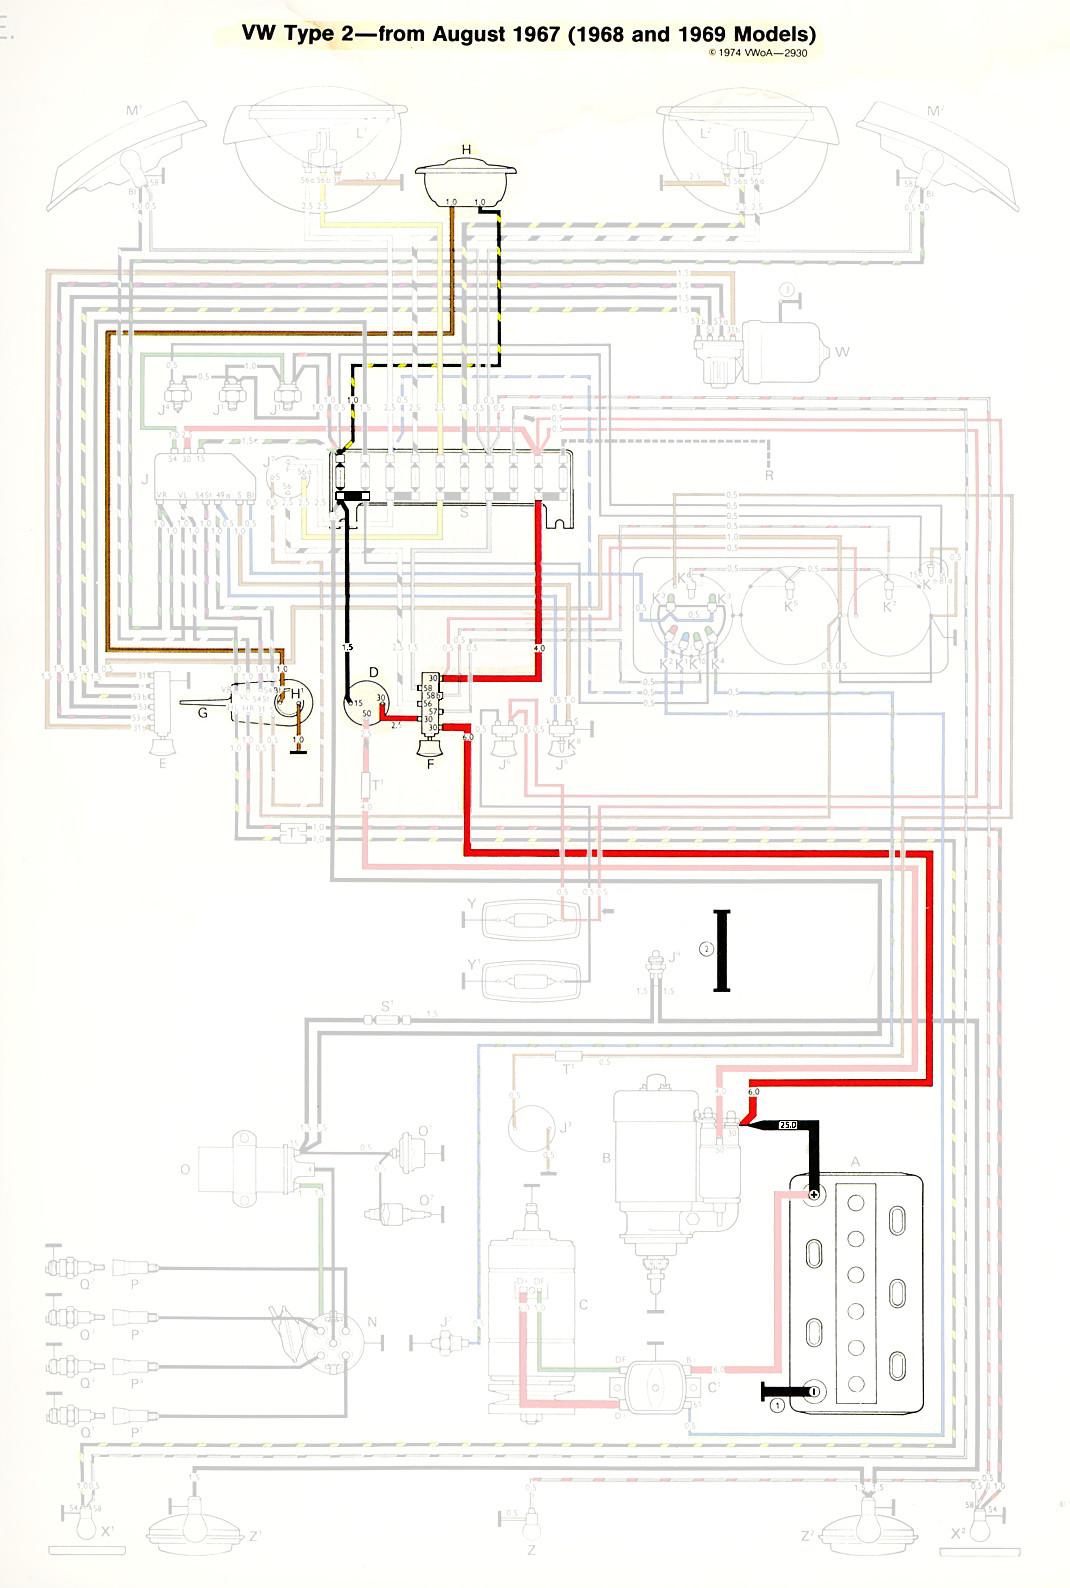 thesamba.com :: type 2 wiring diagrams meyer plow wiring diagram 68